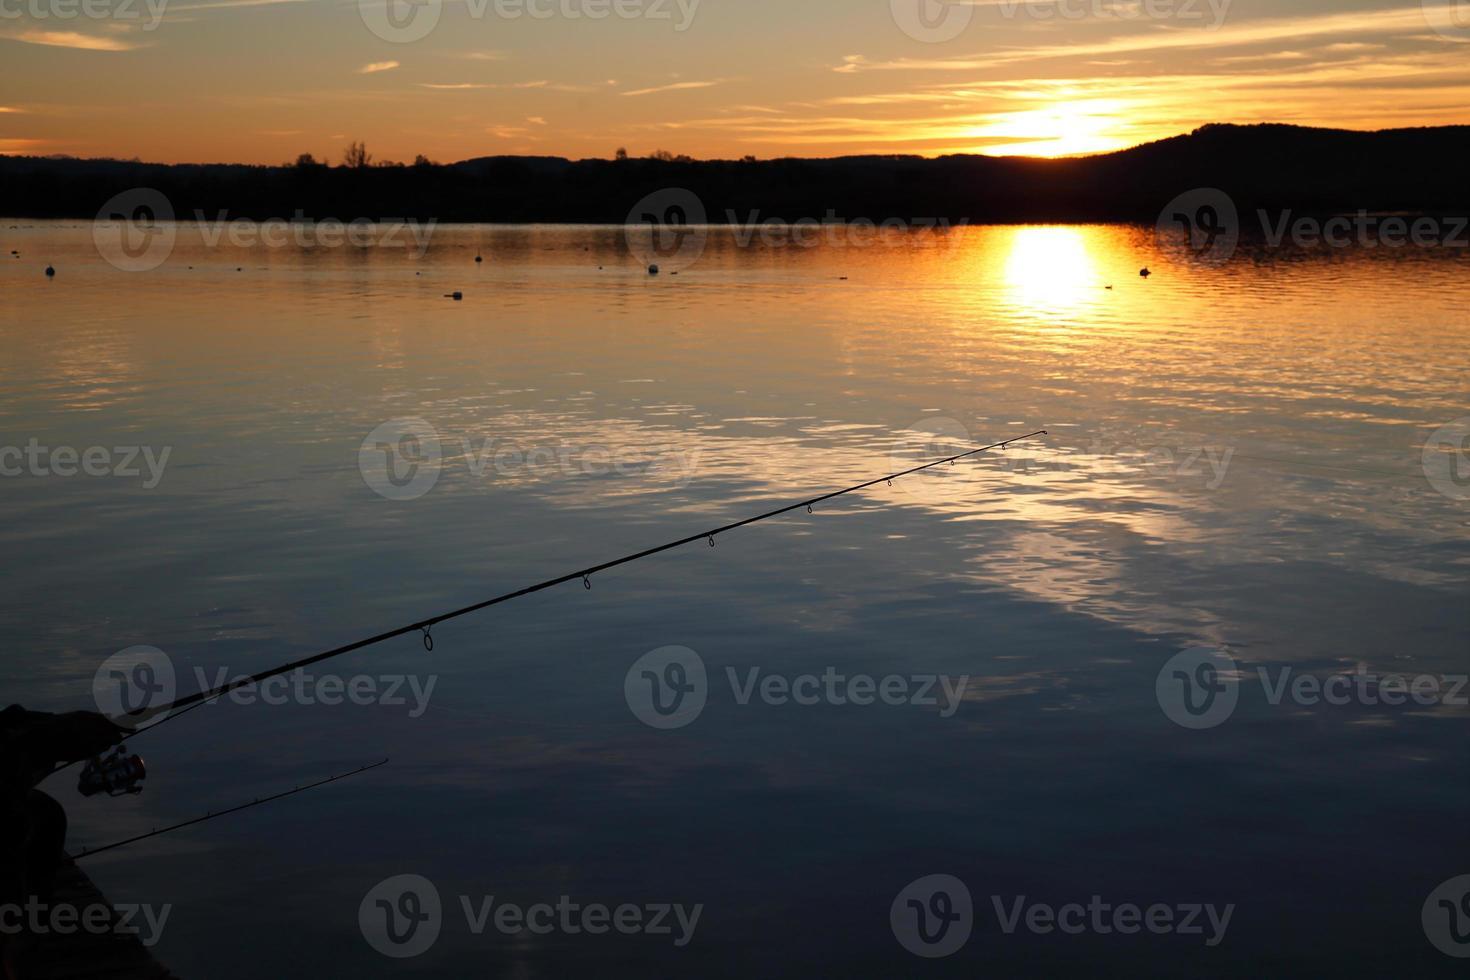 nattfiske foto